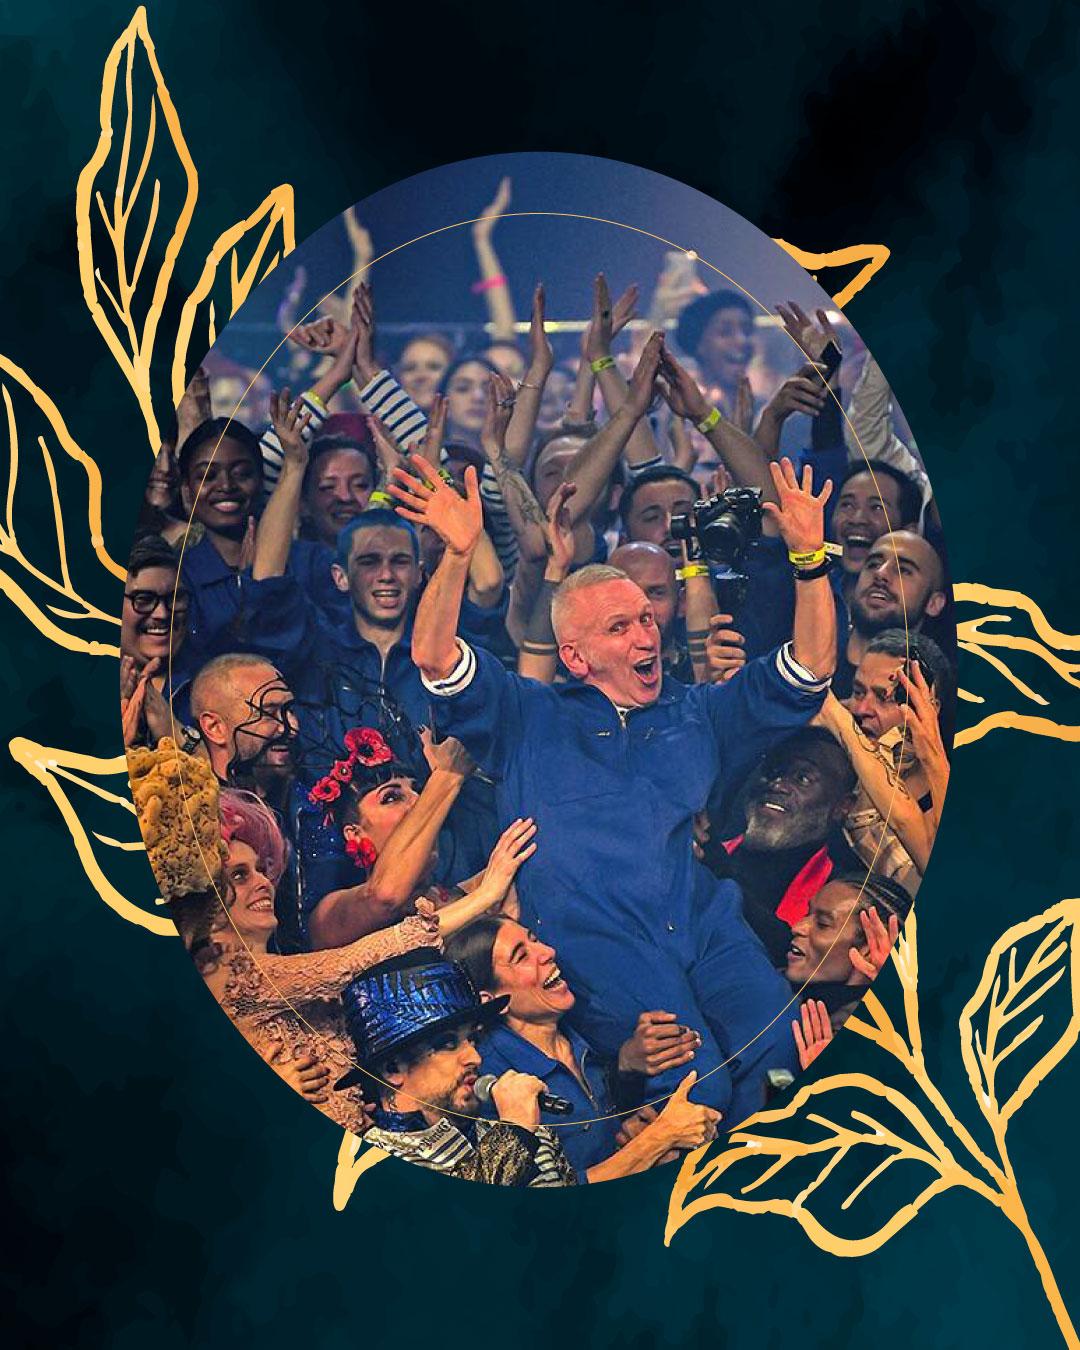 dizajner publika Jean Paul Gaultier: Veliko modno zbogom